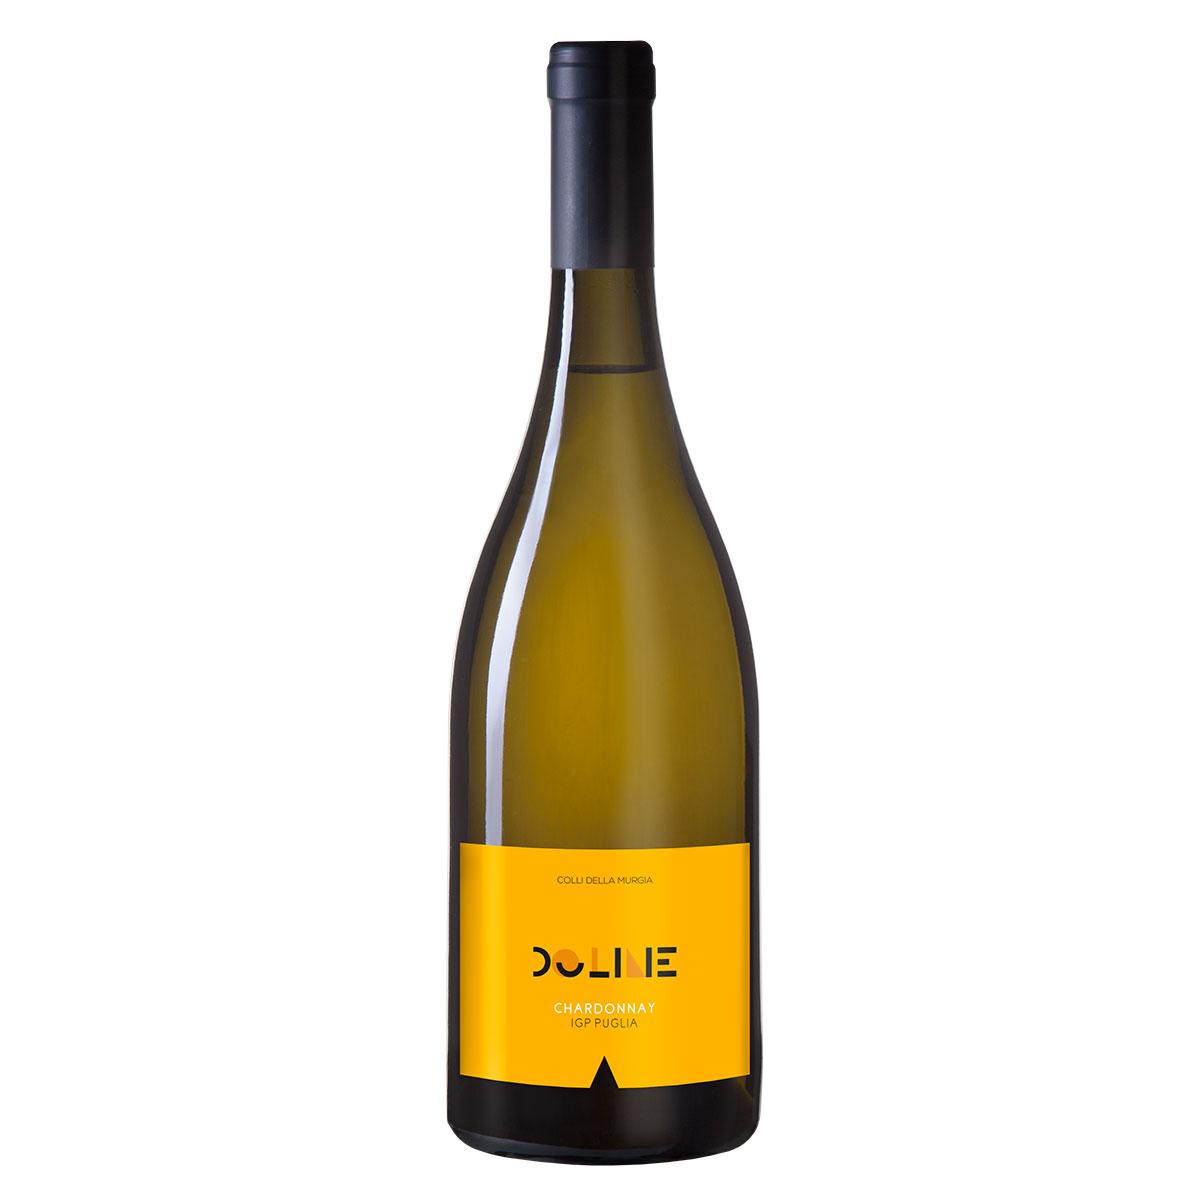 Doline chardonnay